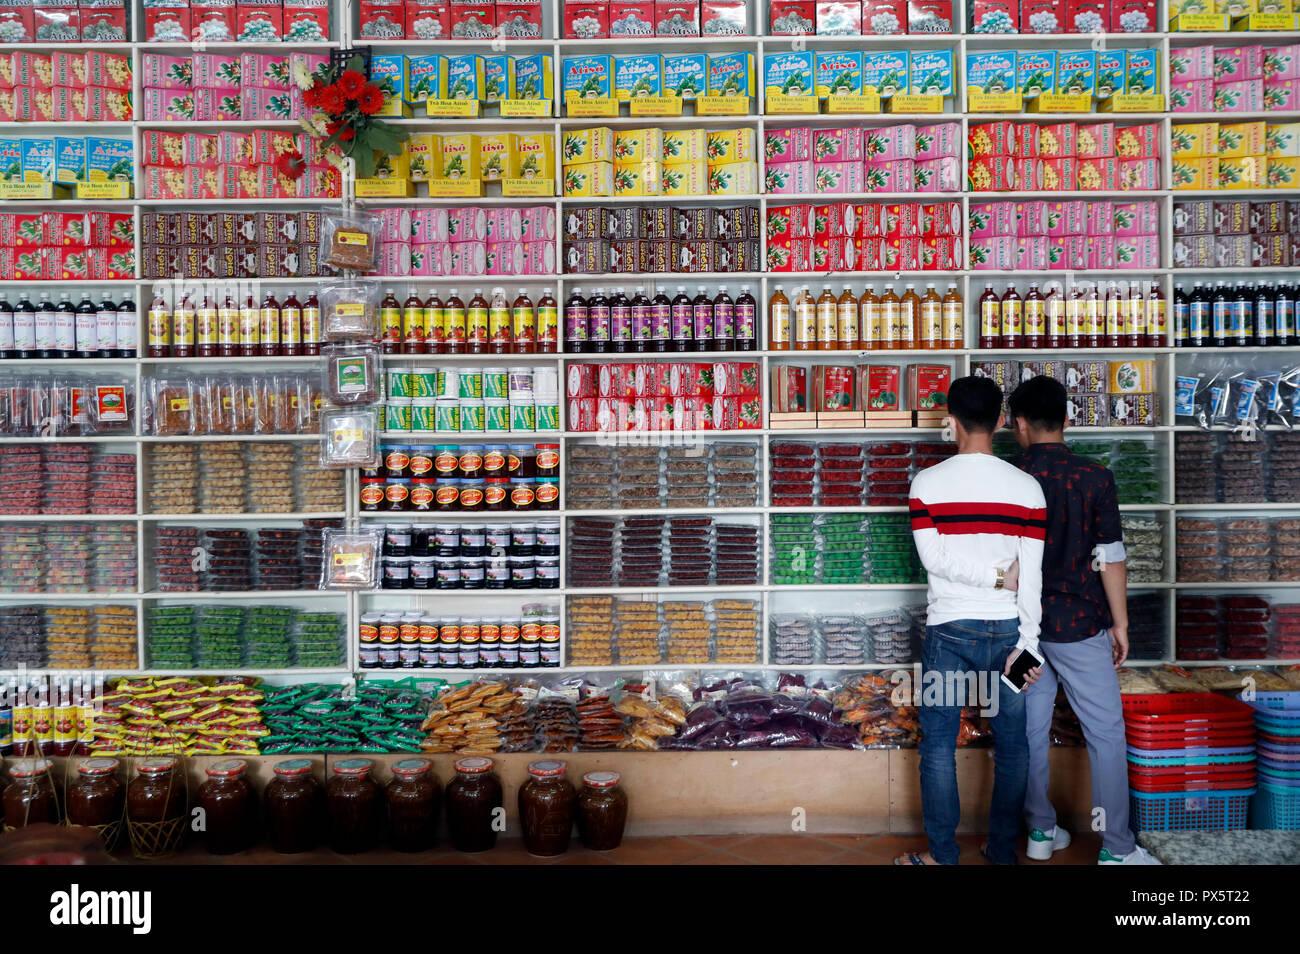 Marktstand verkaufen alle Arten von lokalen Spezialitäten: getrocknete Früchte und Tee. Dalat. Vietnam. Stockbild